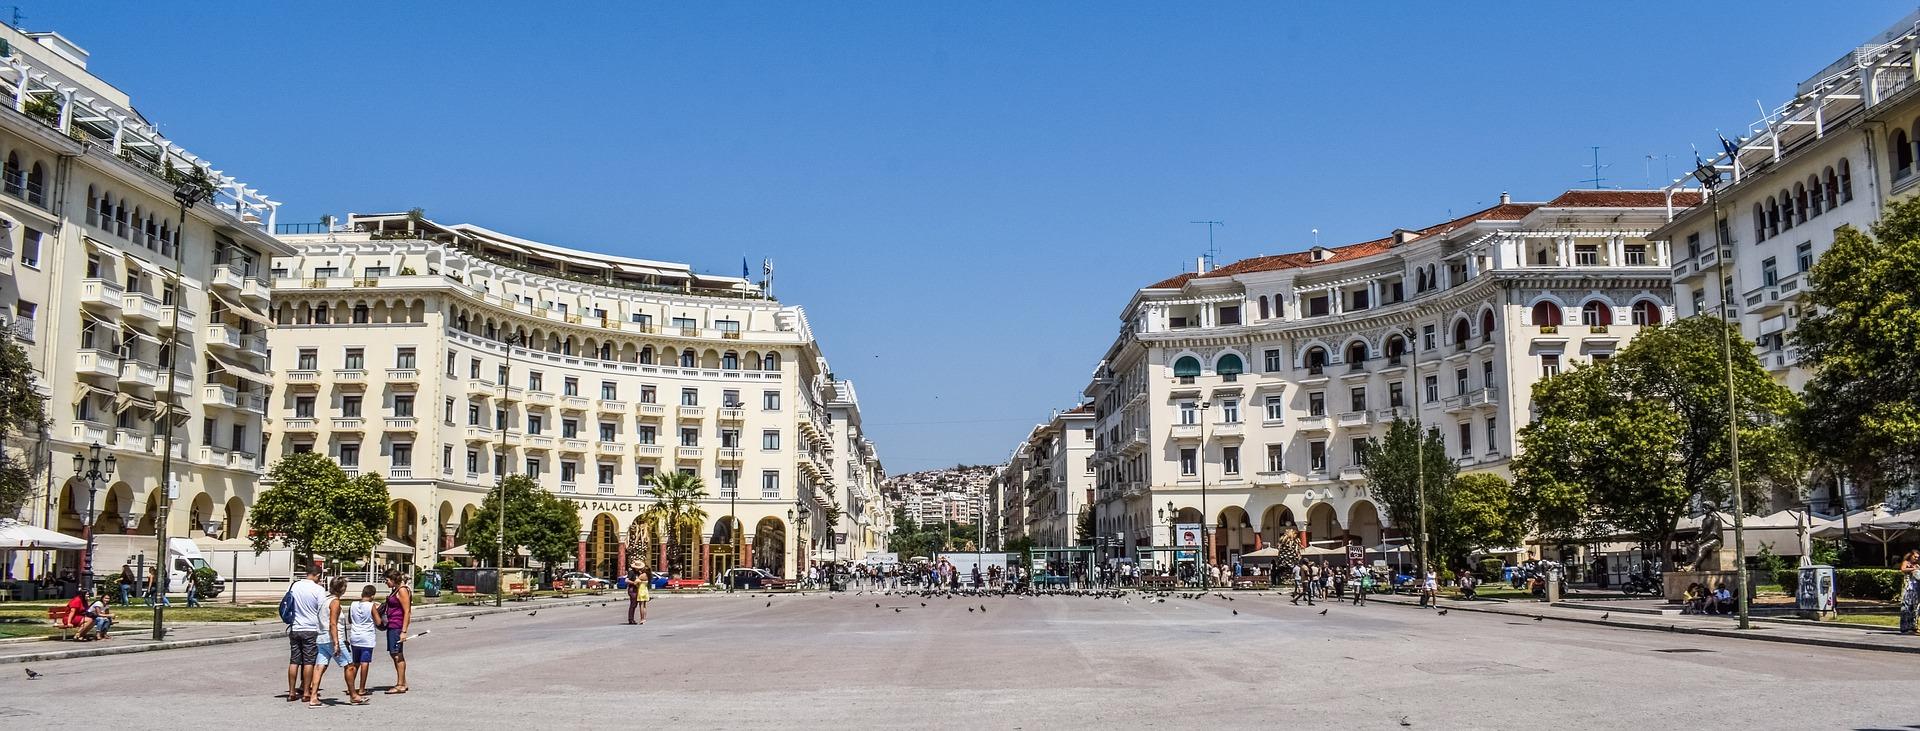 Thessaloniki Urlaub Deals Eine Woche ab 138,98€ günstig buchen